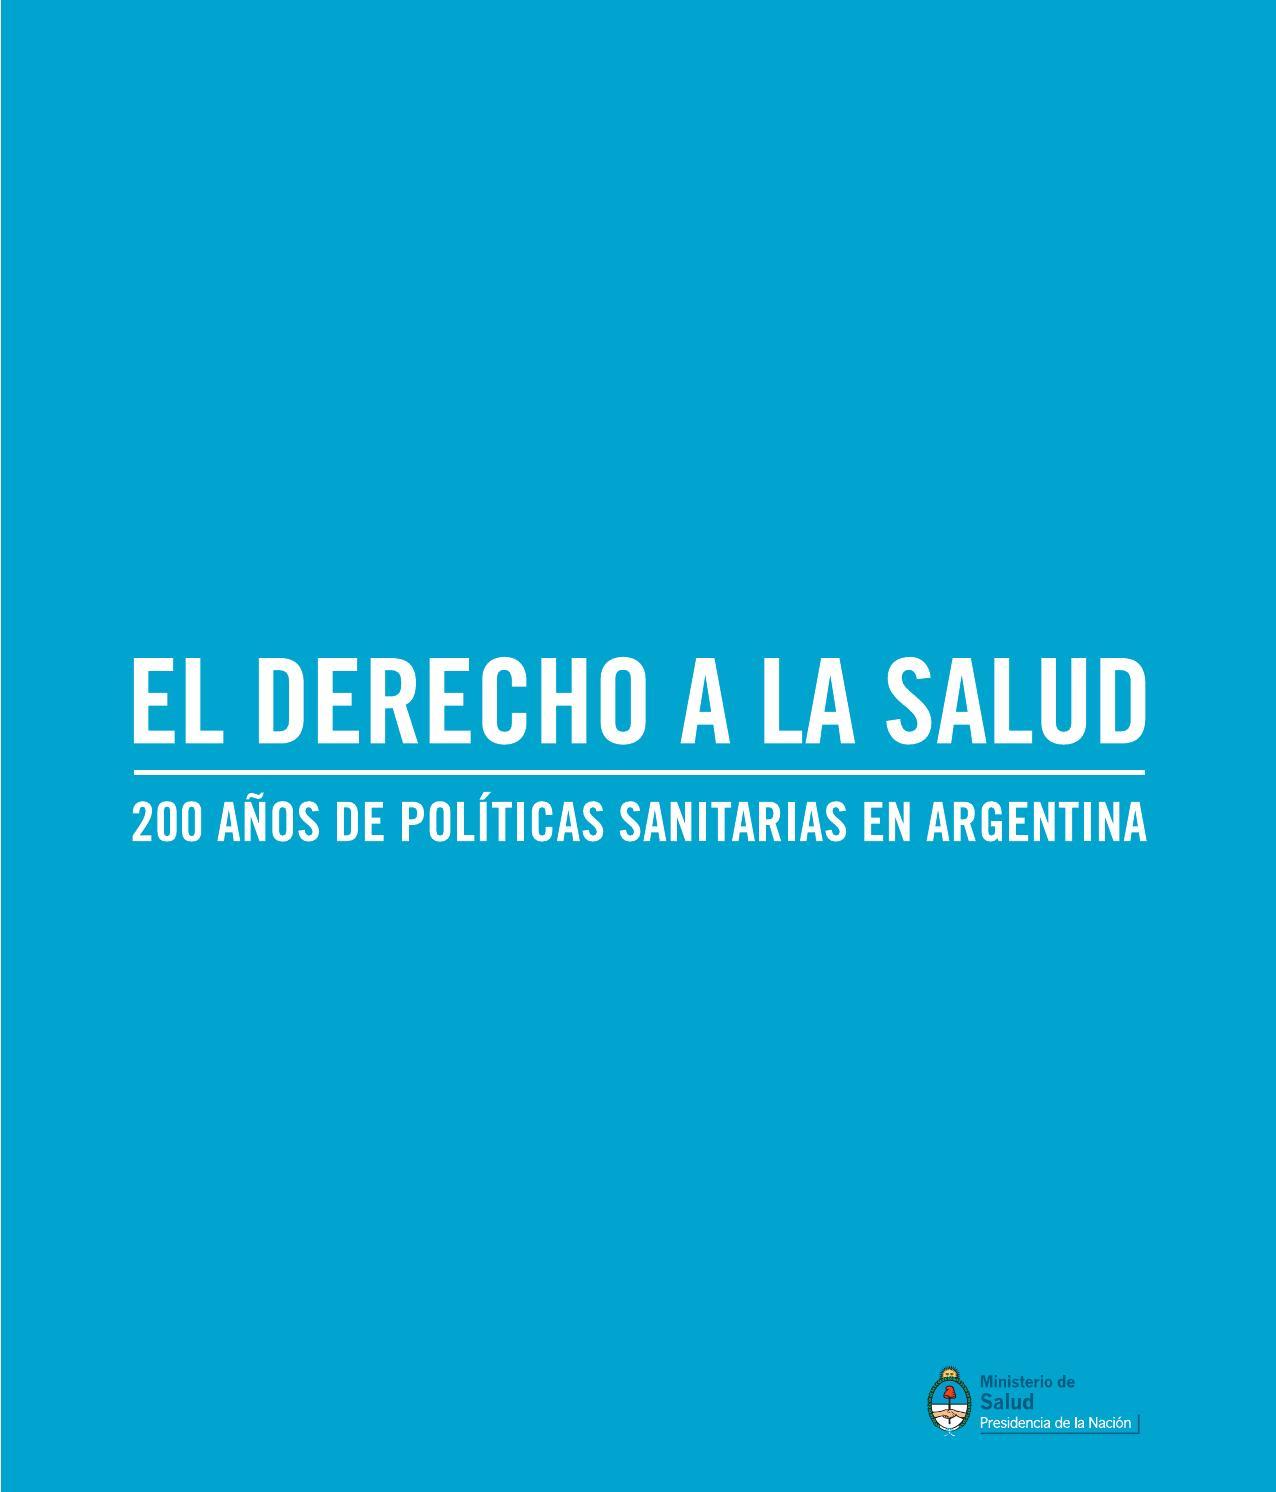 El Derecho a la Salud by Cafeimagen - issuu